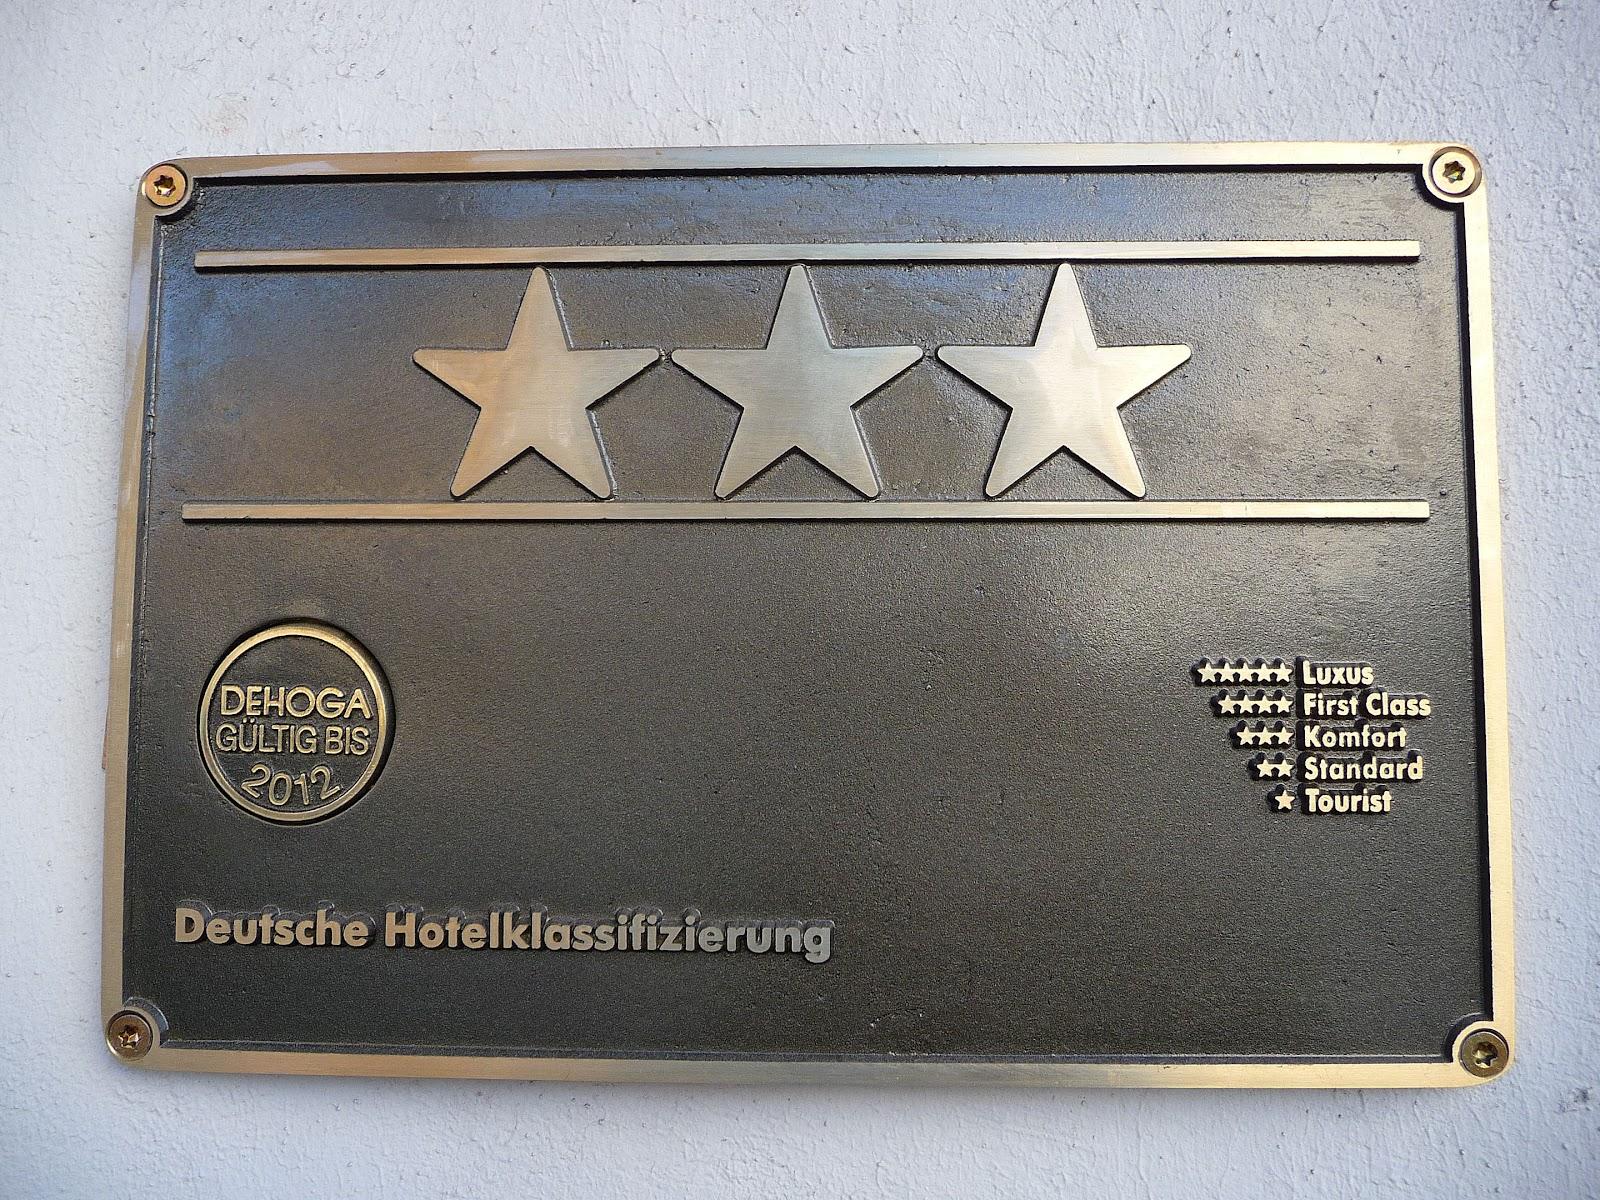 Wie nennt man die deutschen Hotelklassifizierungen in Deutschland?